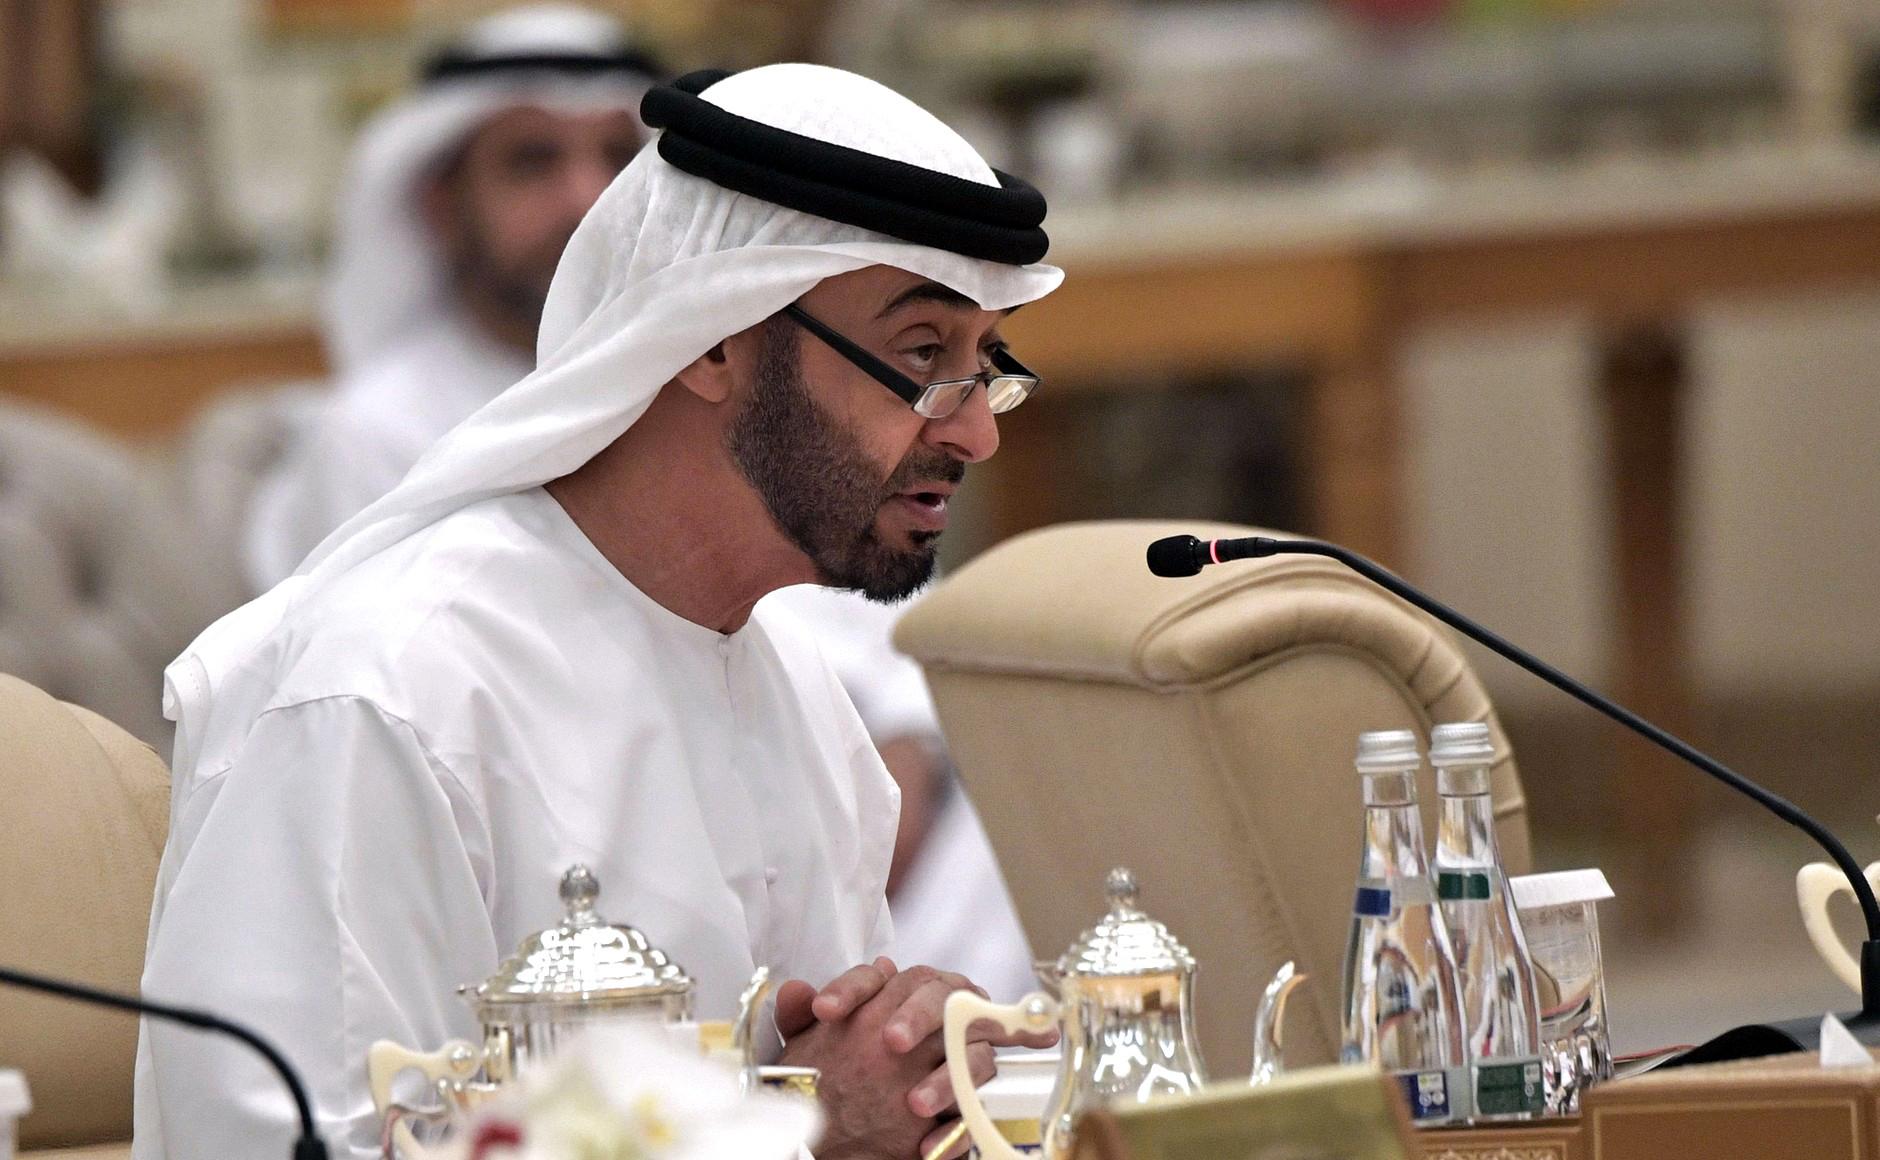 محمد بن زايد أو المستقبل المستبد للشرق الأوسط